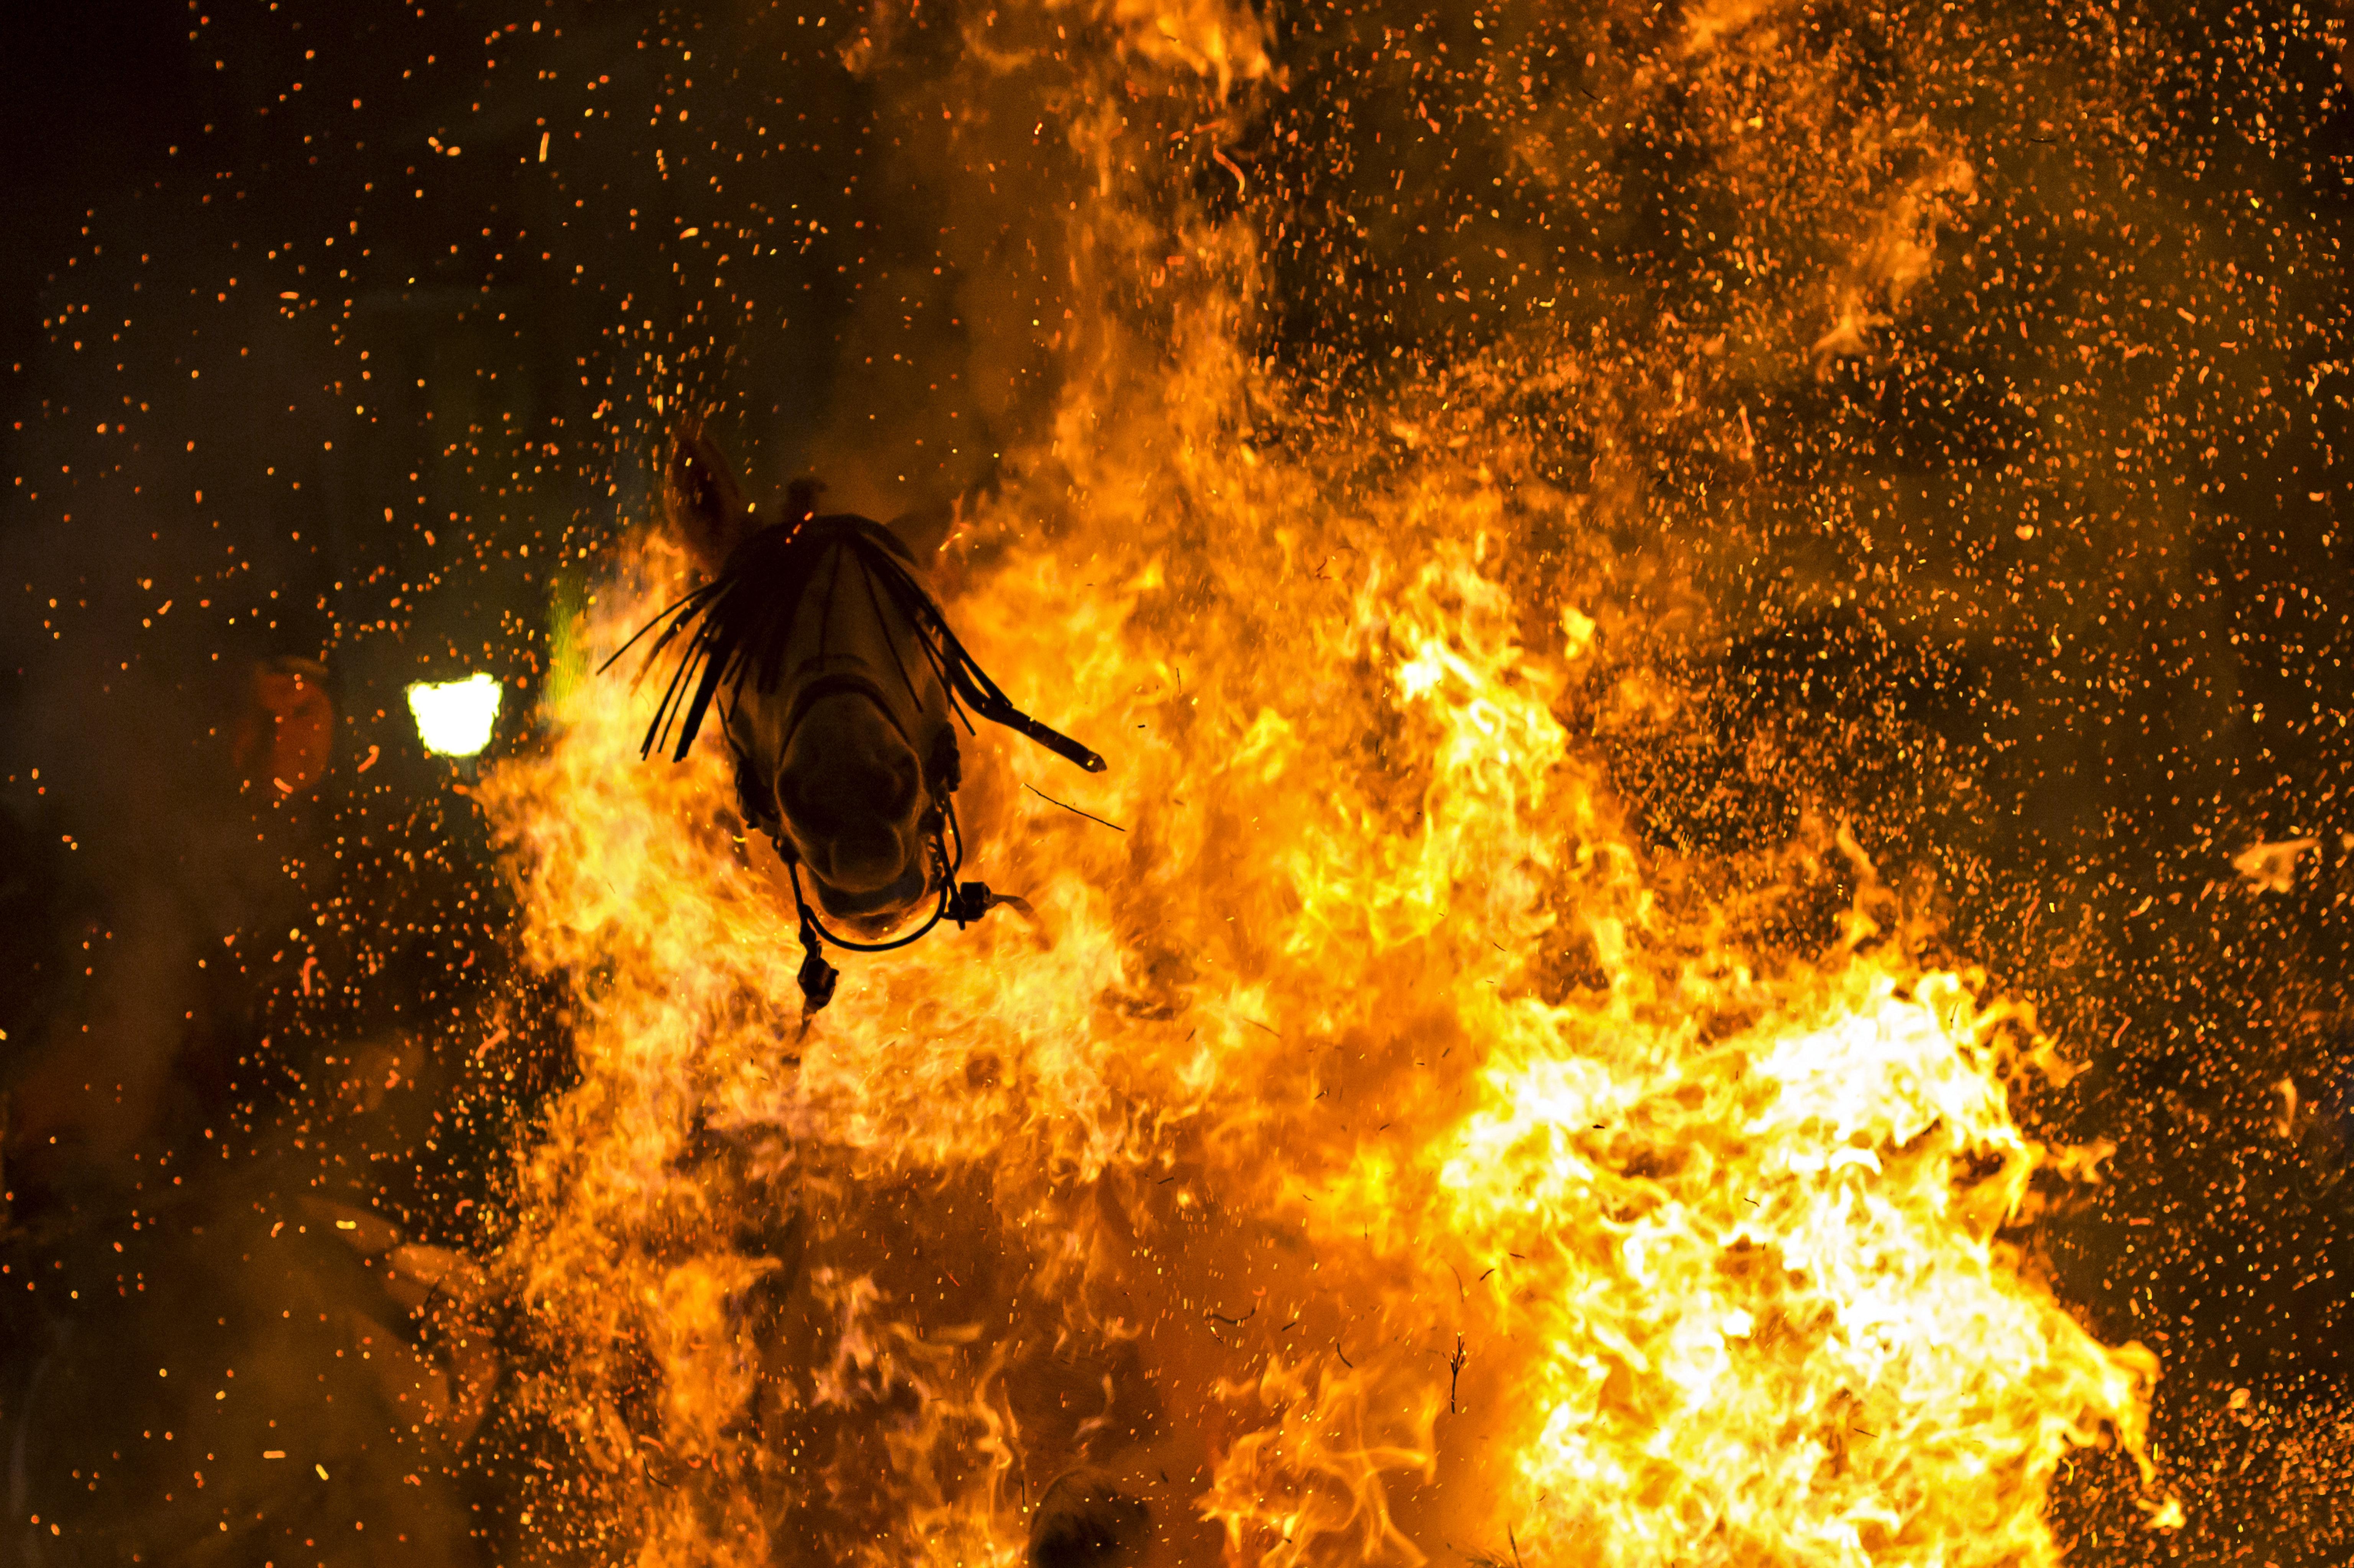 «Fuego purificante» de Víctor J. Blanco